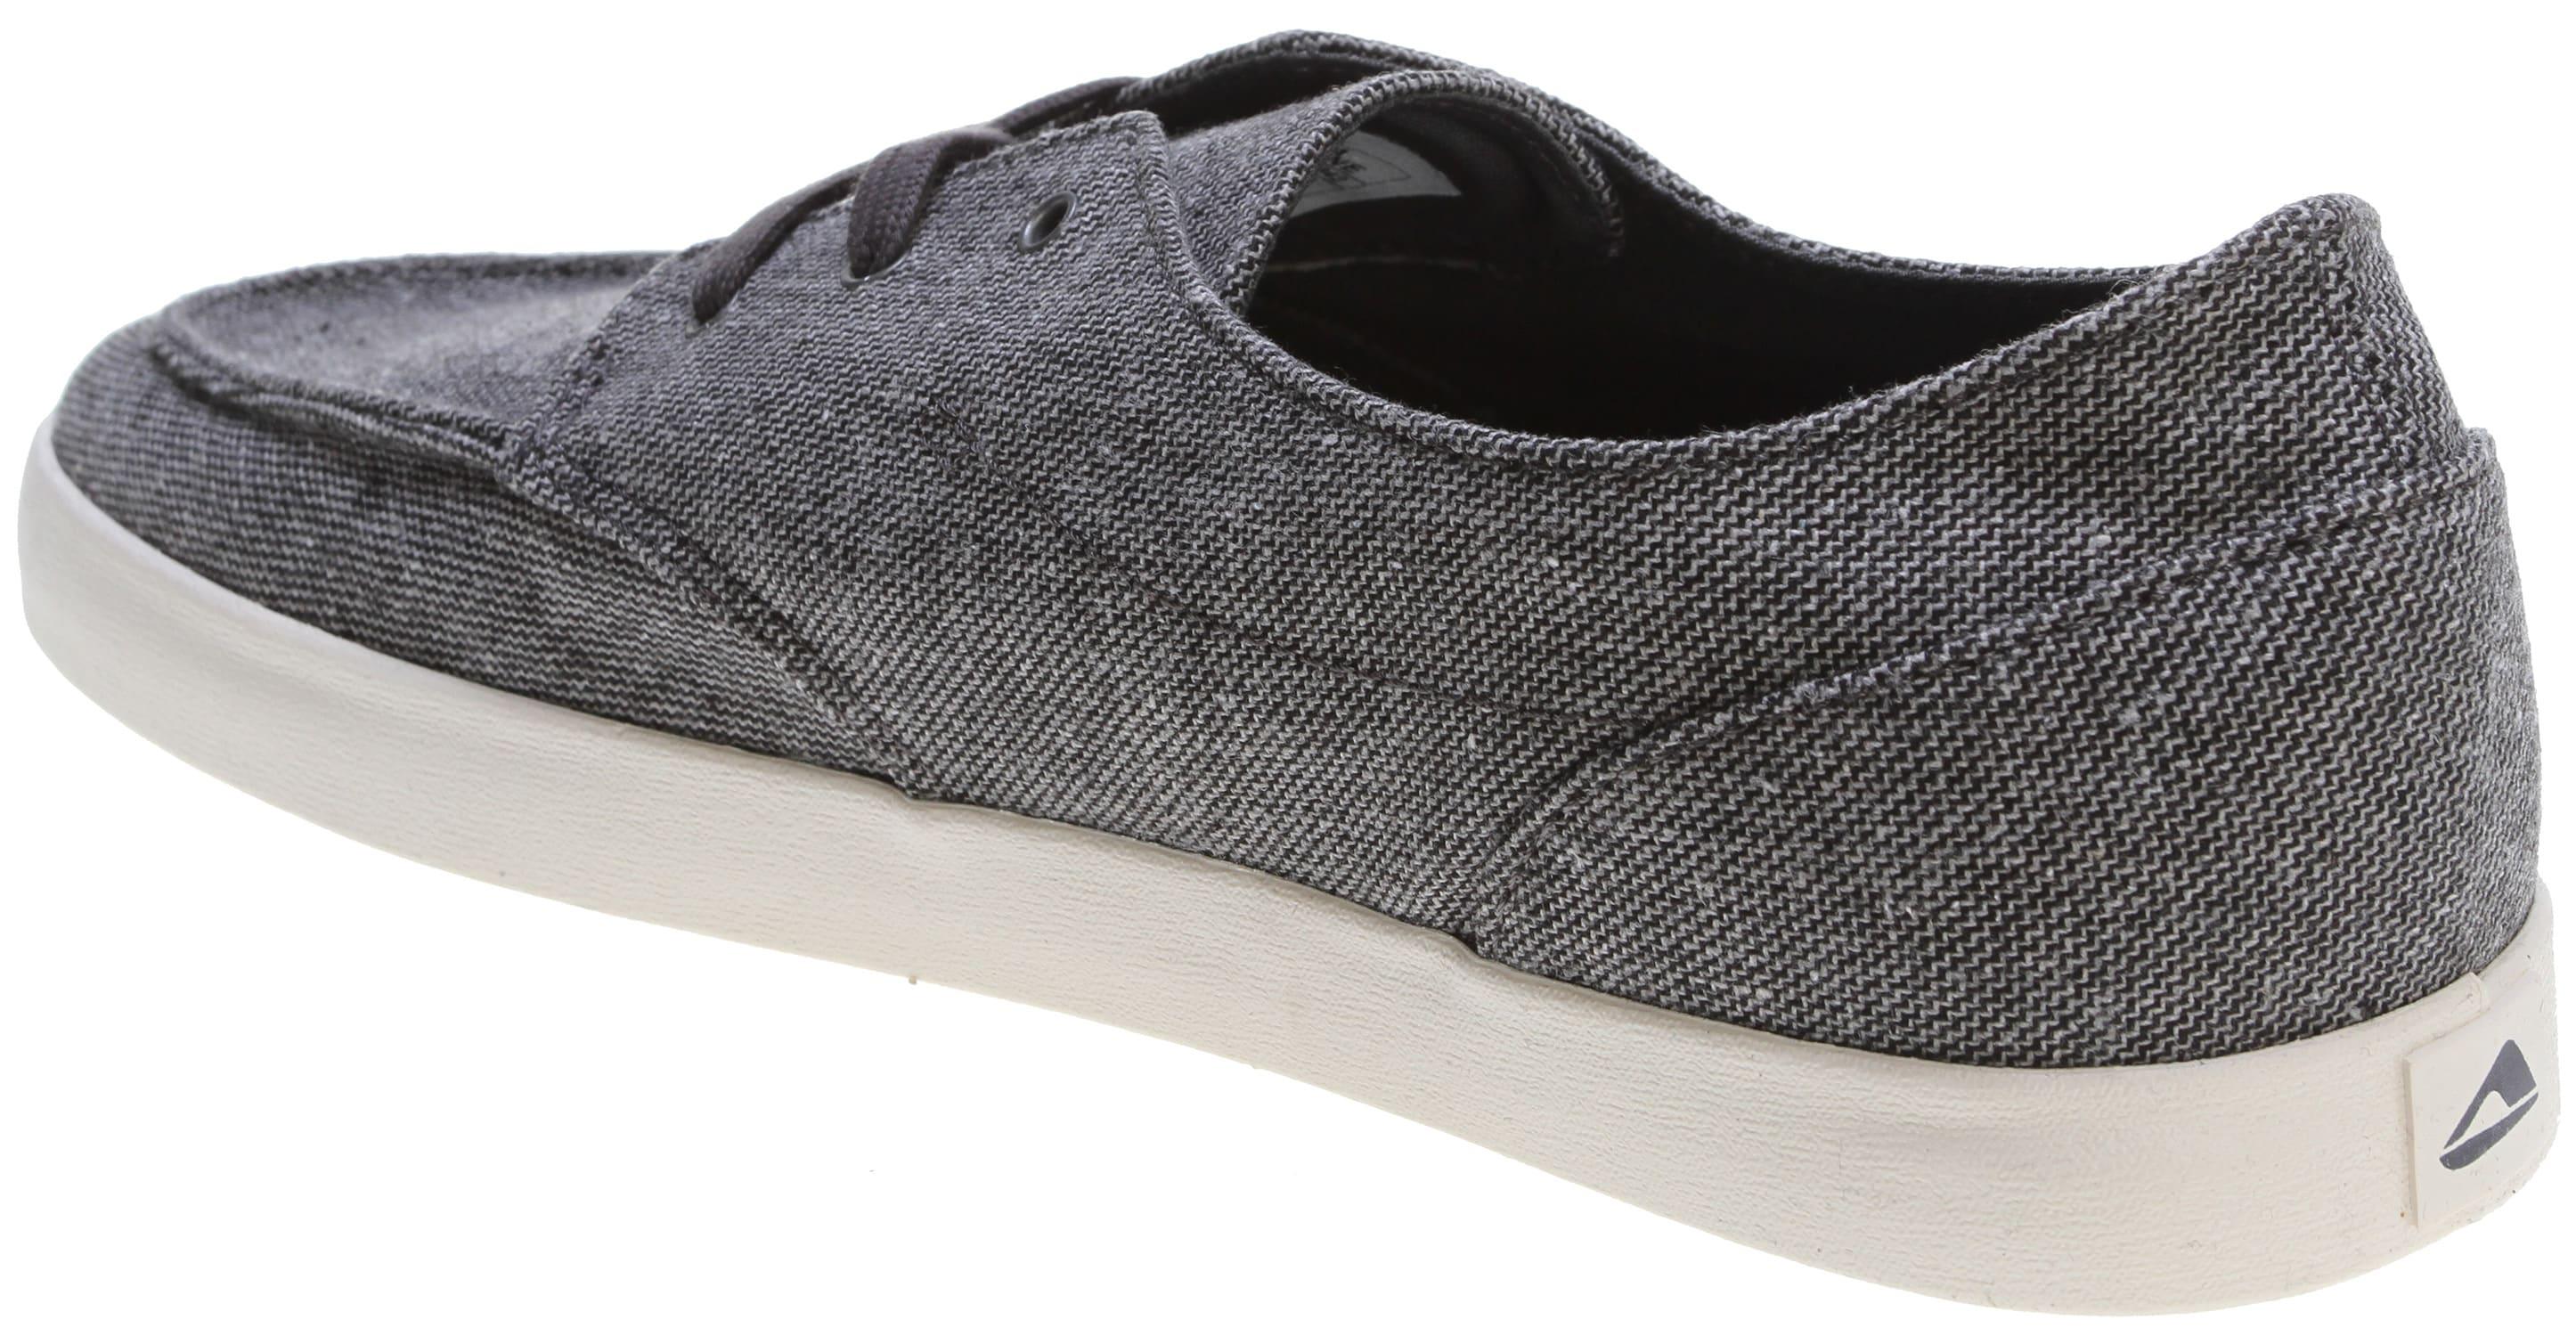 ebde901d7d783 Reef Deckhand 2 TX Shoes - thumbnail 3